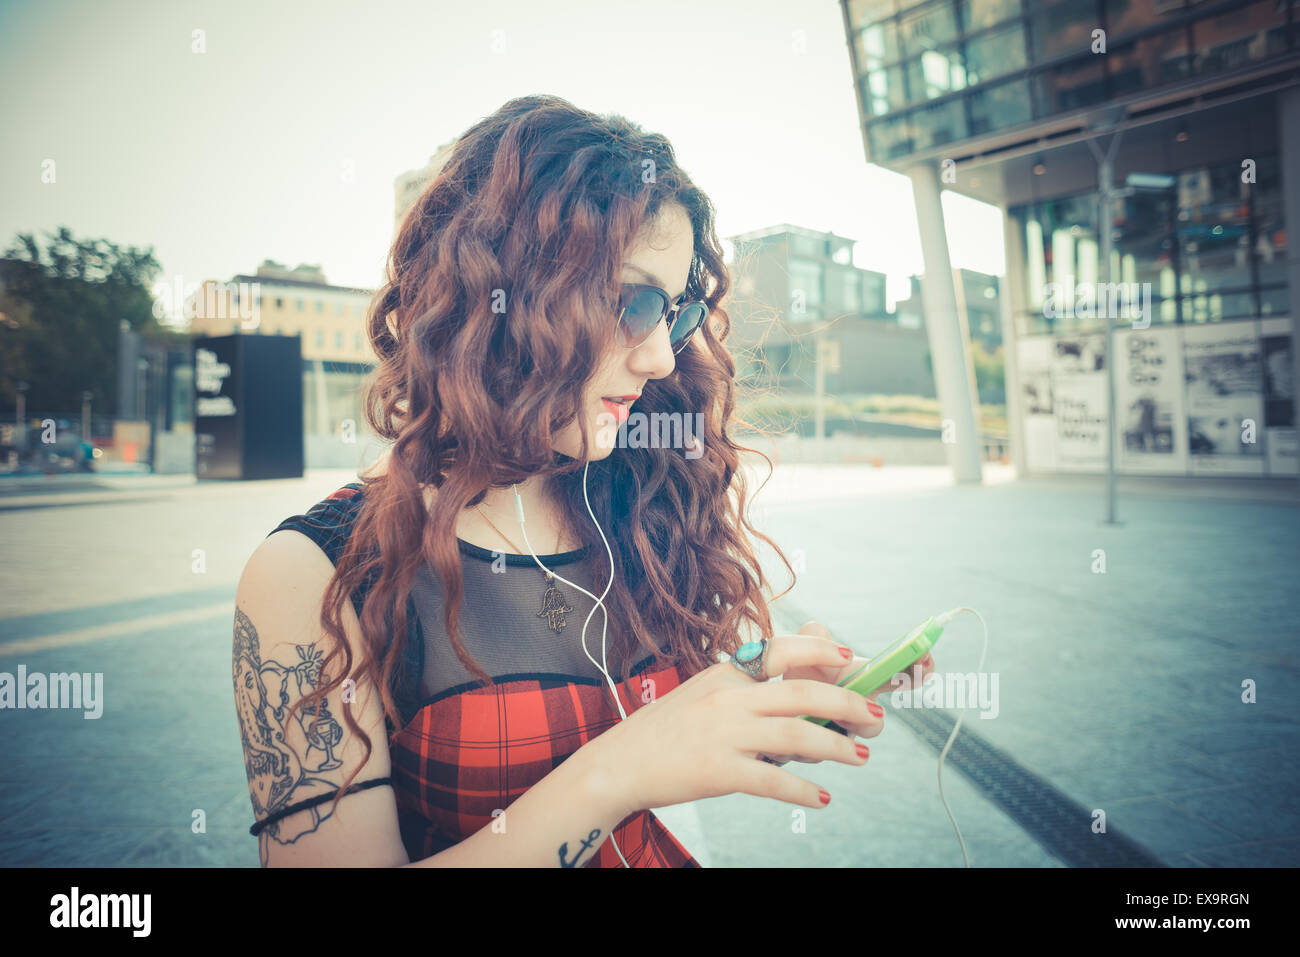 junge schöne Hipster Frau mit roten Locken Musik hören in der Stadt Stockbild